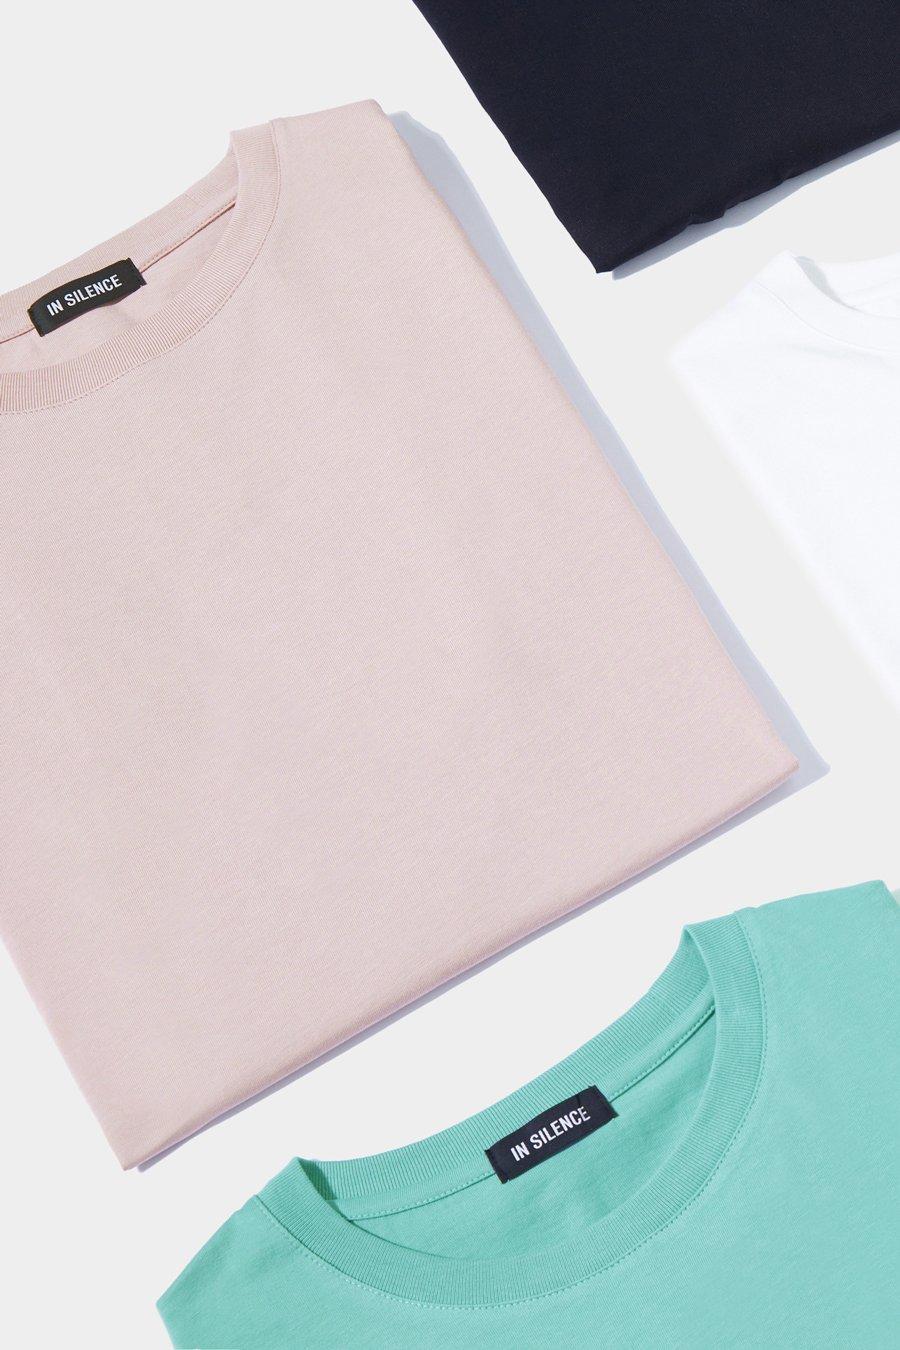 인사일런스(IN SILENCE) 수피마 코튼 티셔츠 BLACK